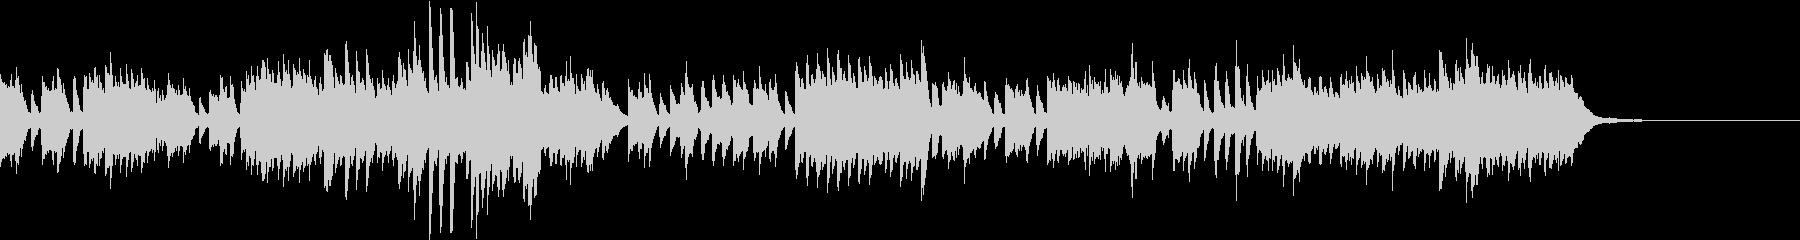 ソナチネ クレメンティ ピアノ名曲の未再生の波形